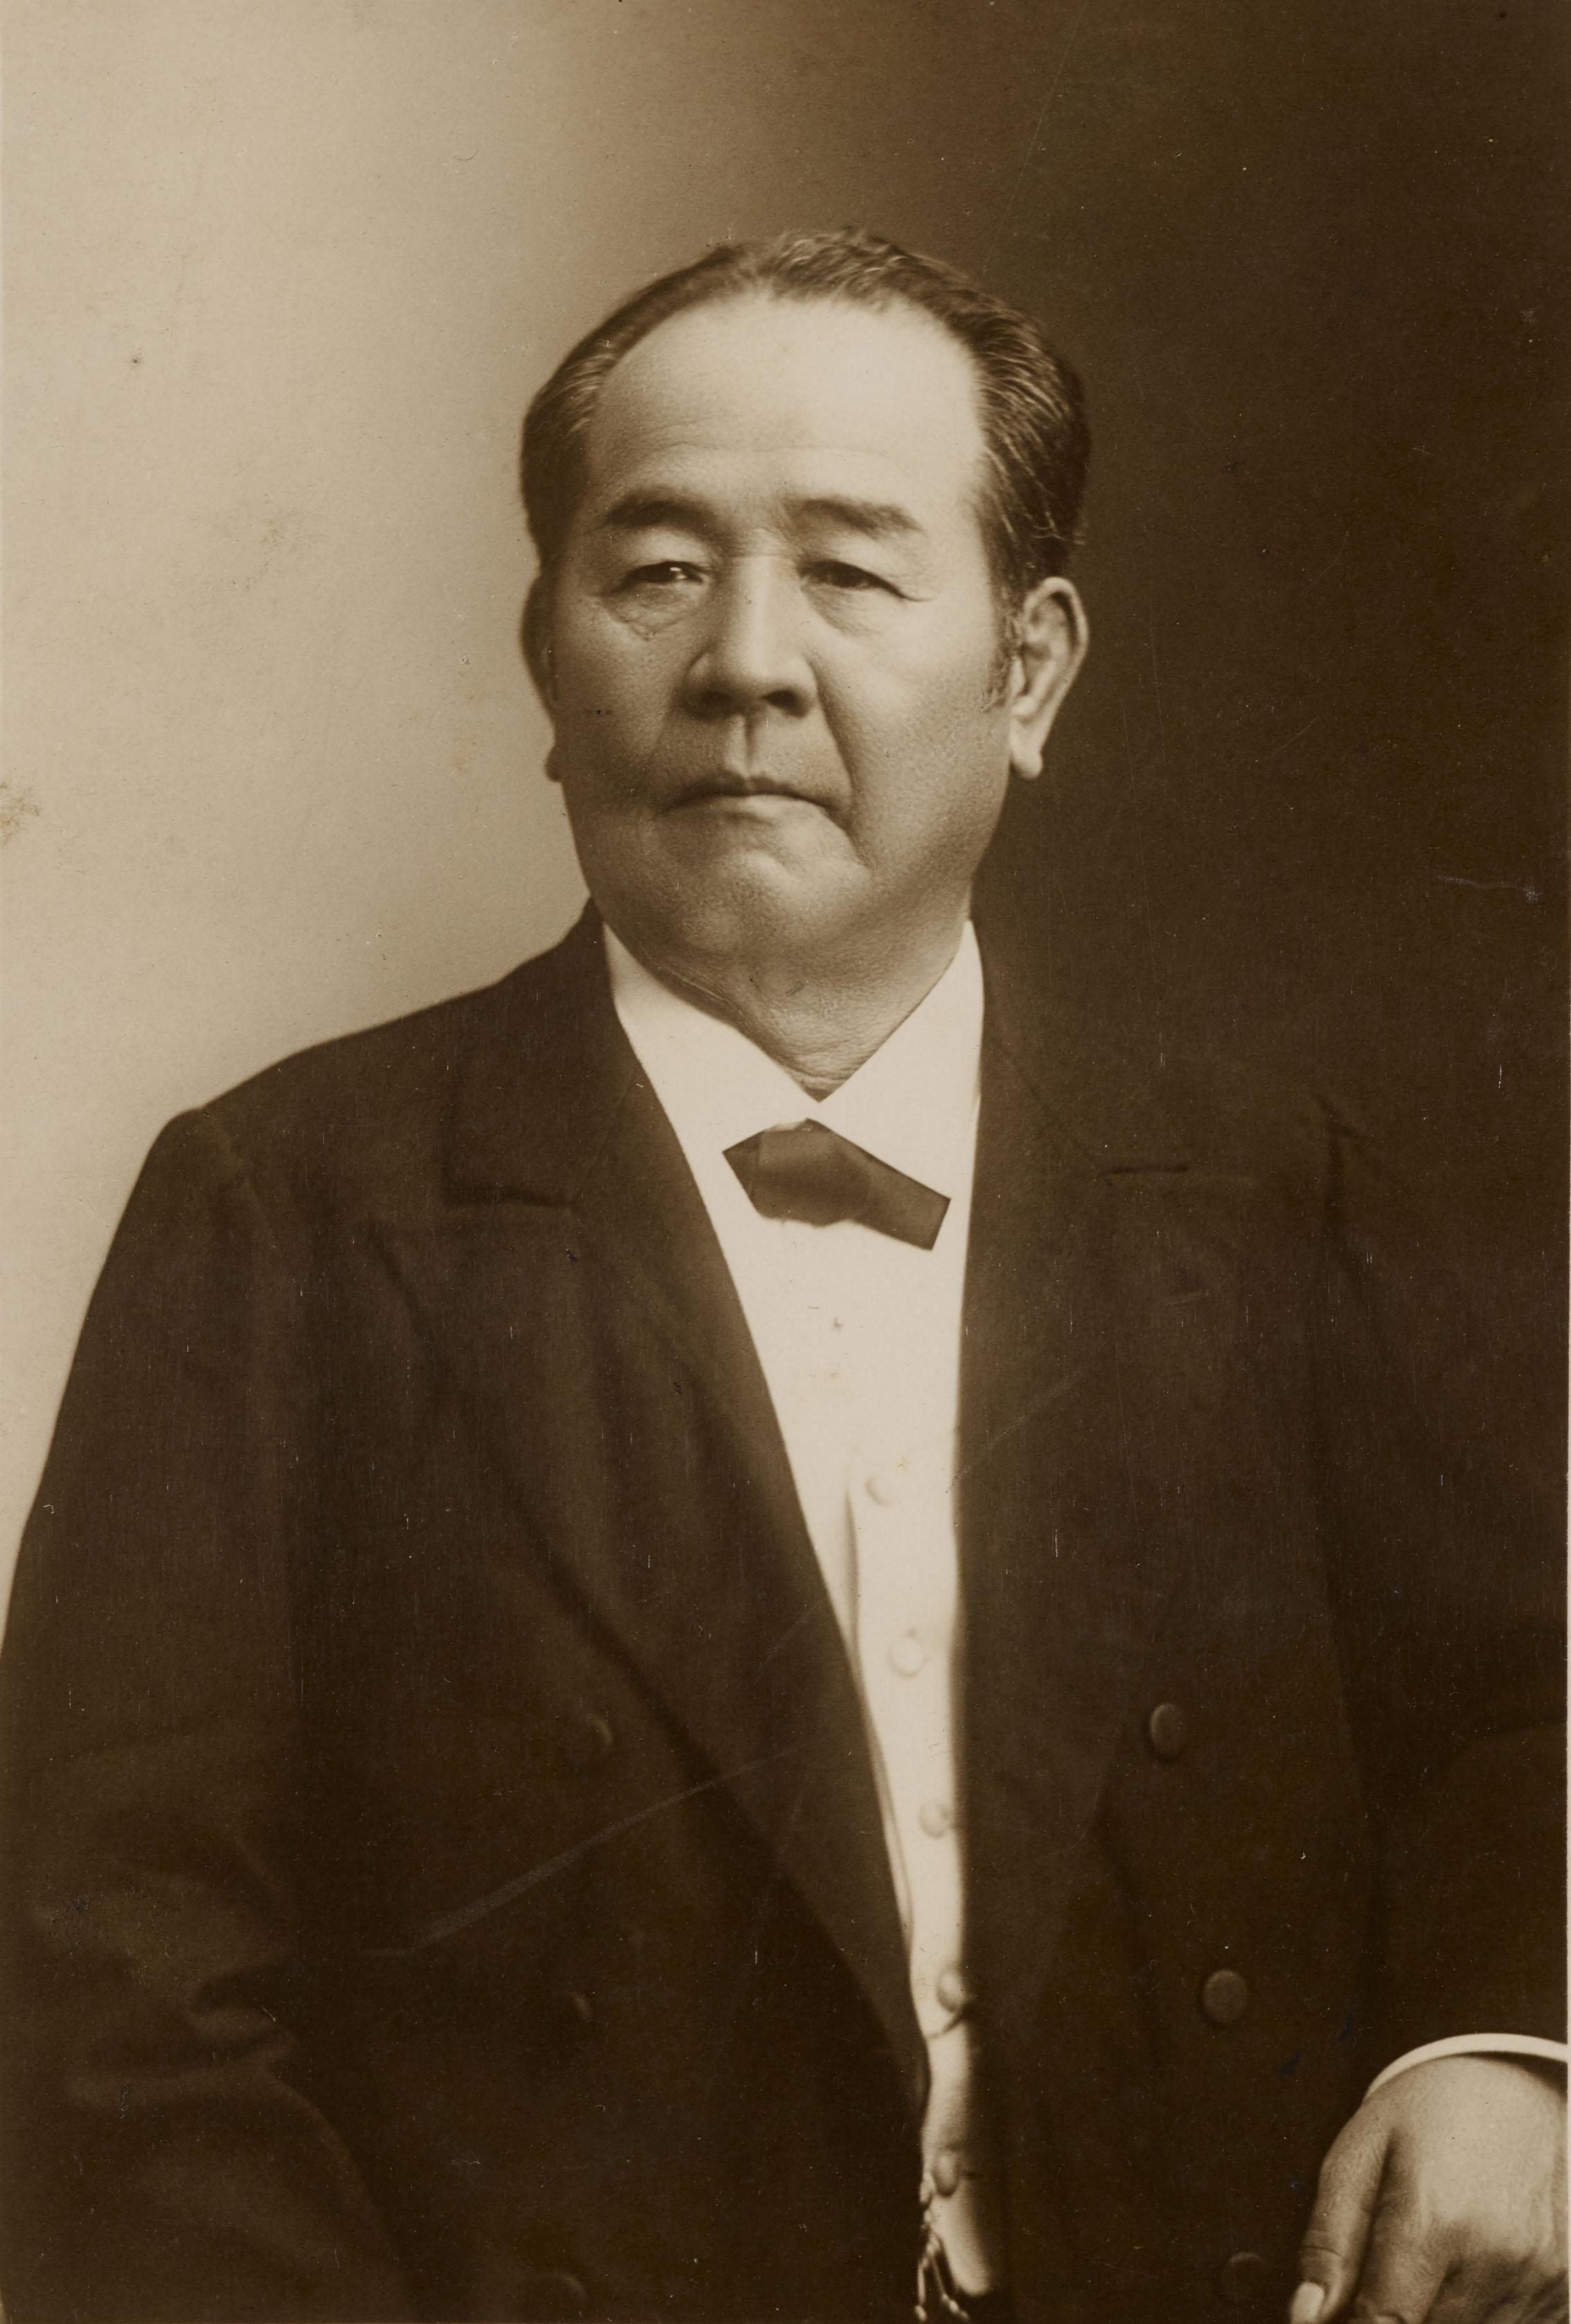 渋沢栄一肖像(伝記資料別10_357).jpg